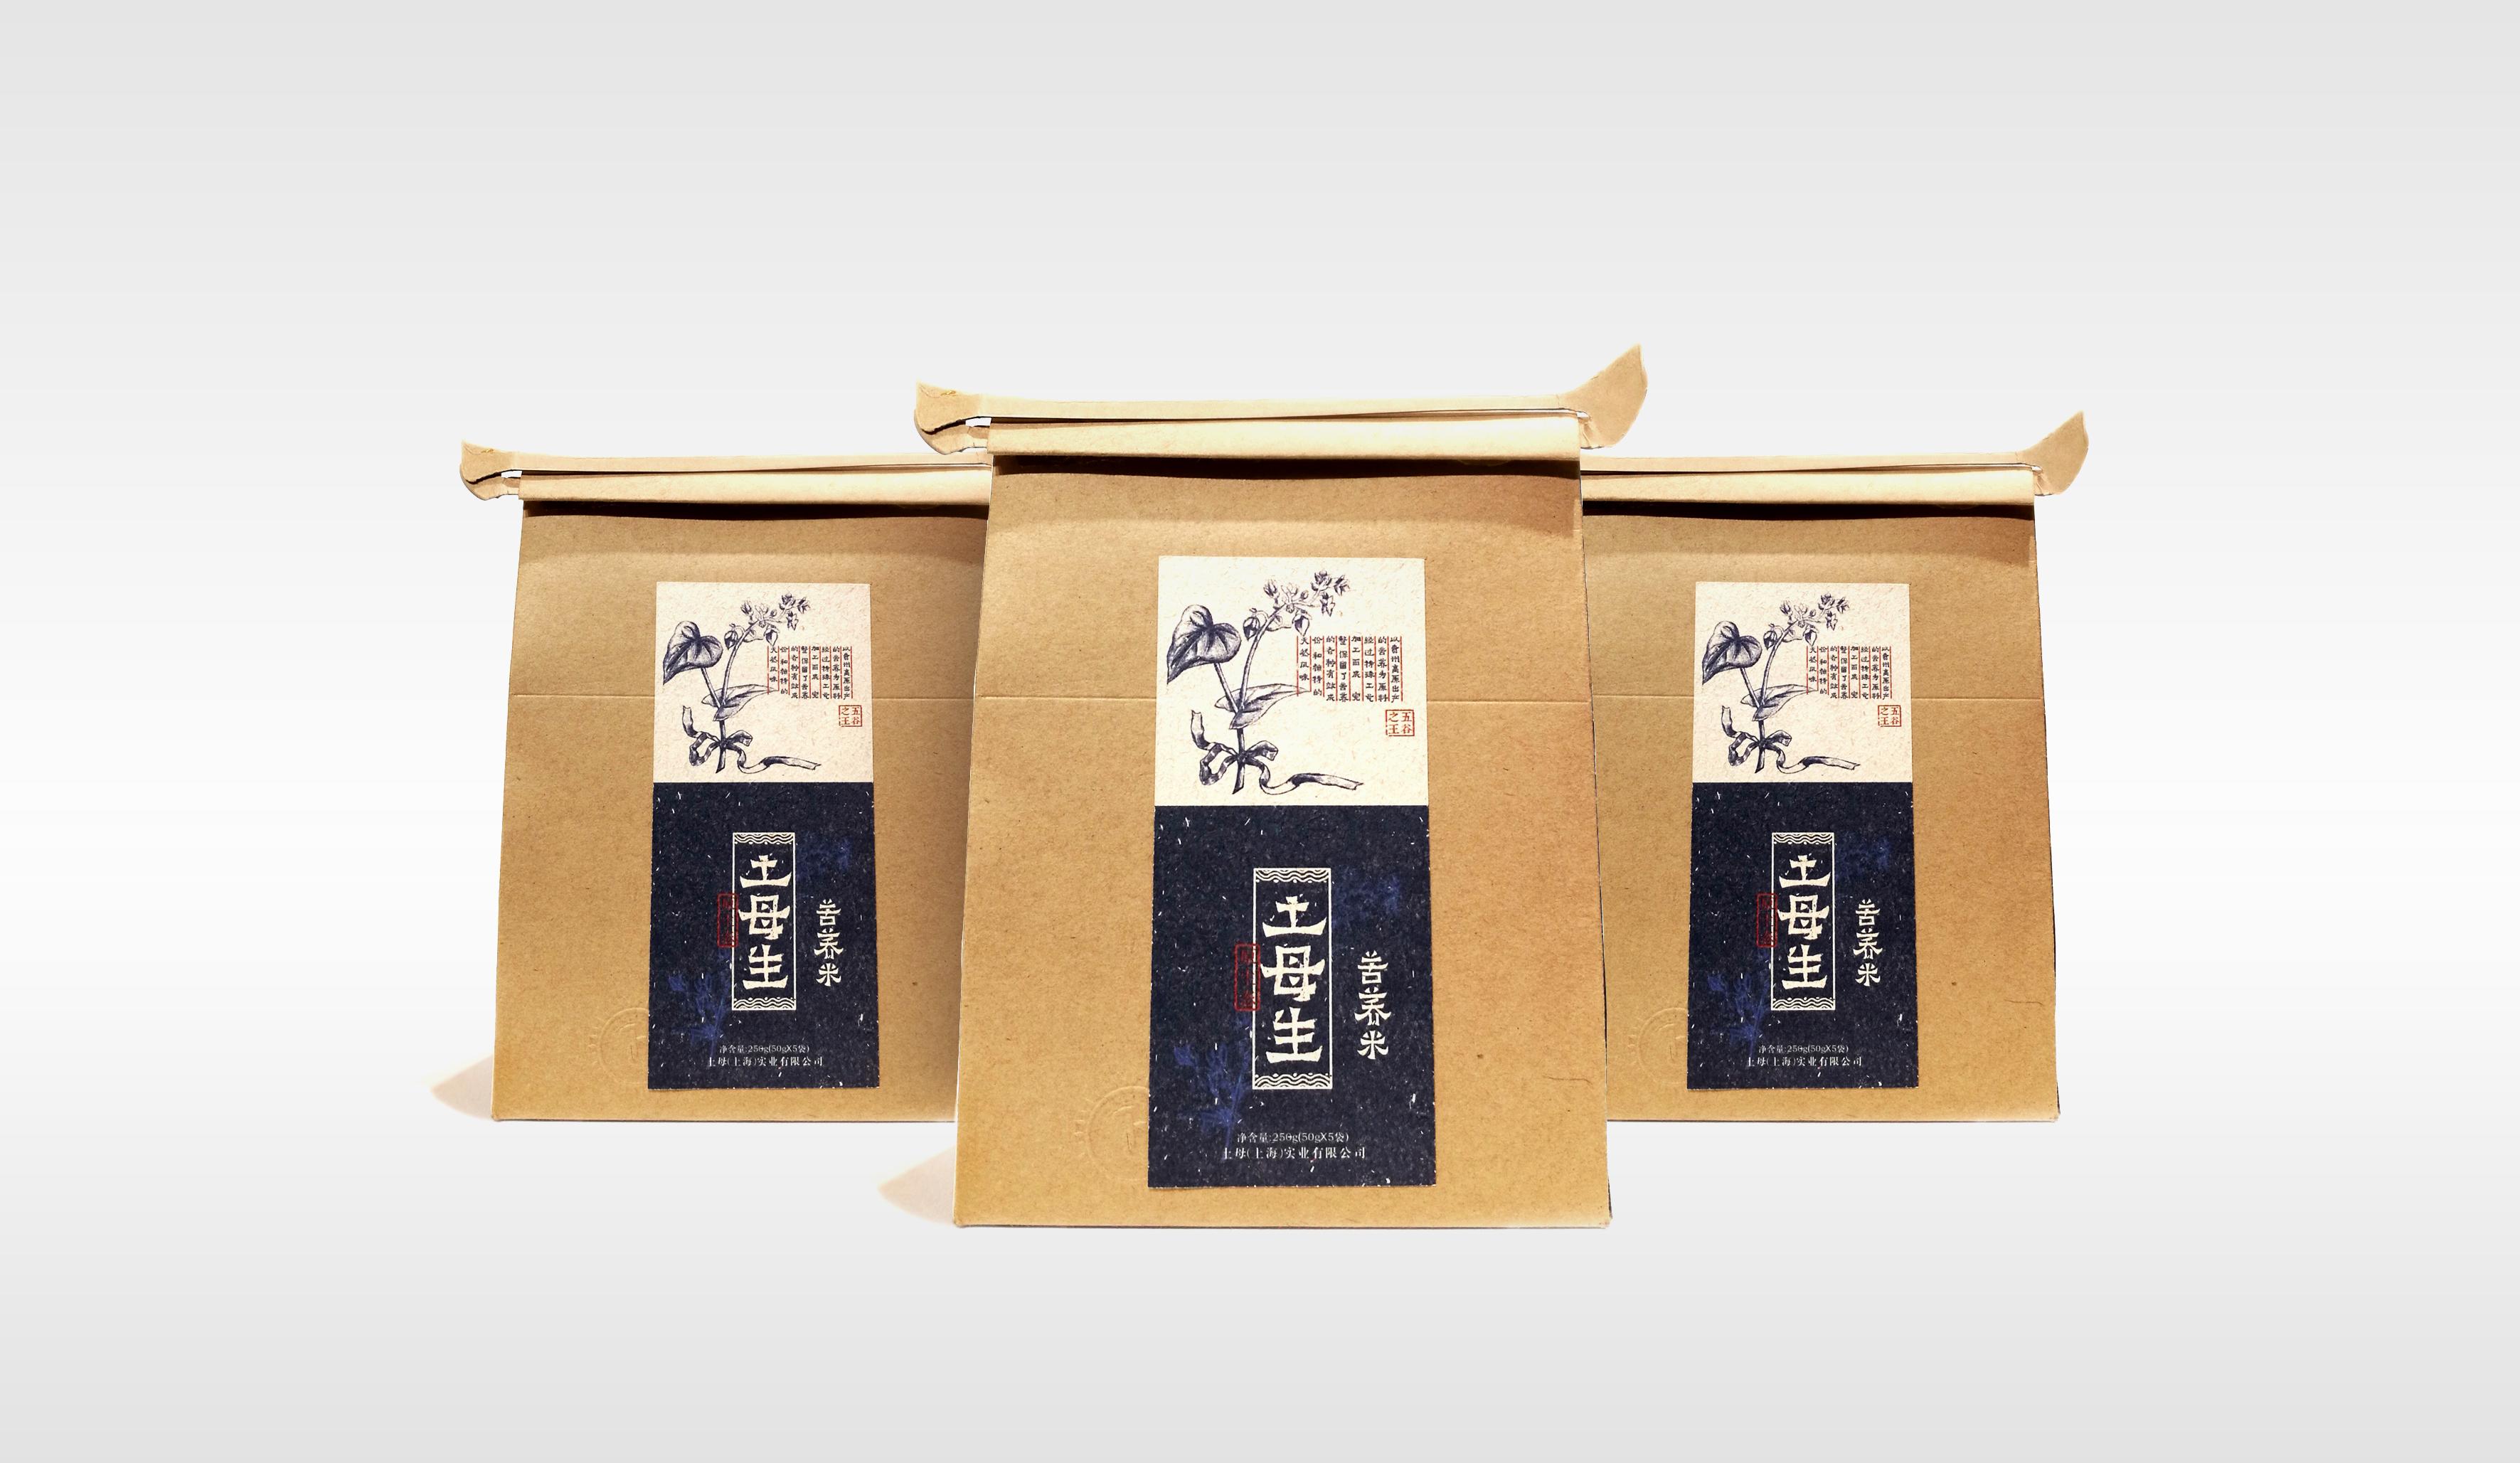 產品包裝設計,特產包裝設計,古一設計